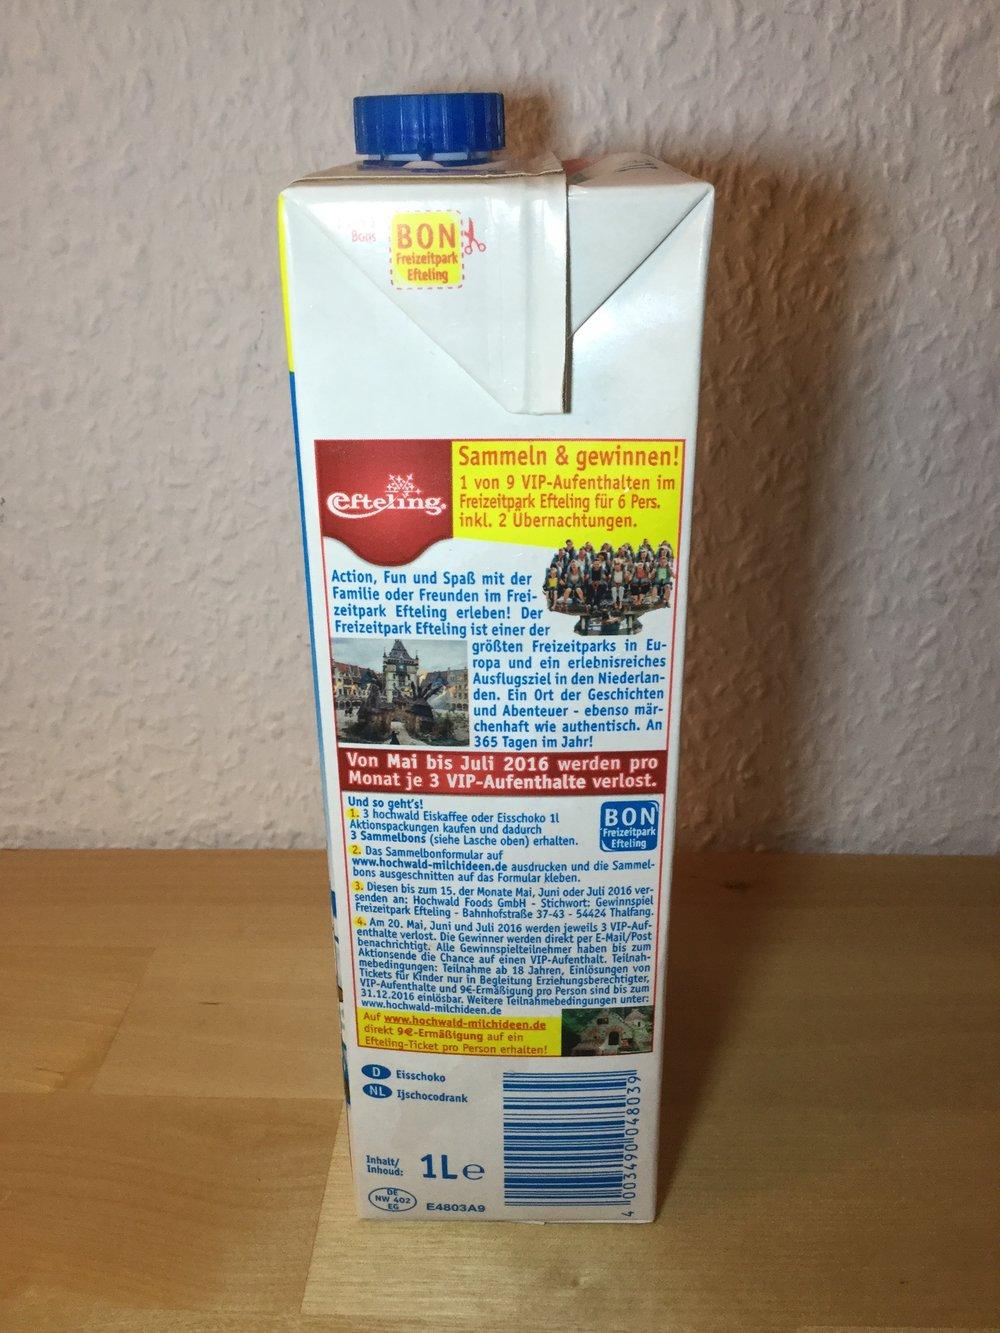 Hochwald Eisschoko (Box) Side 2